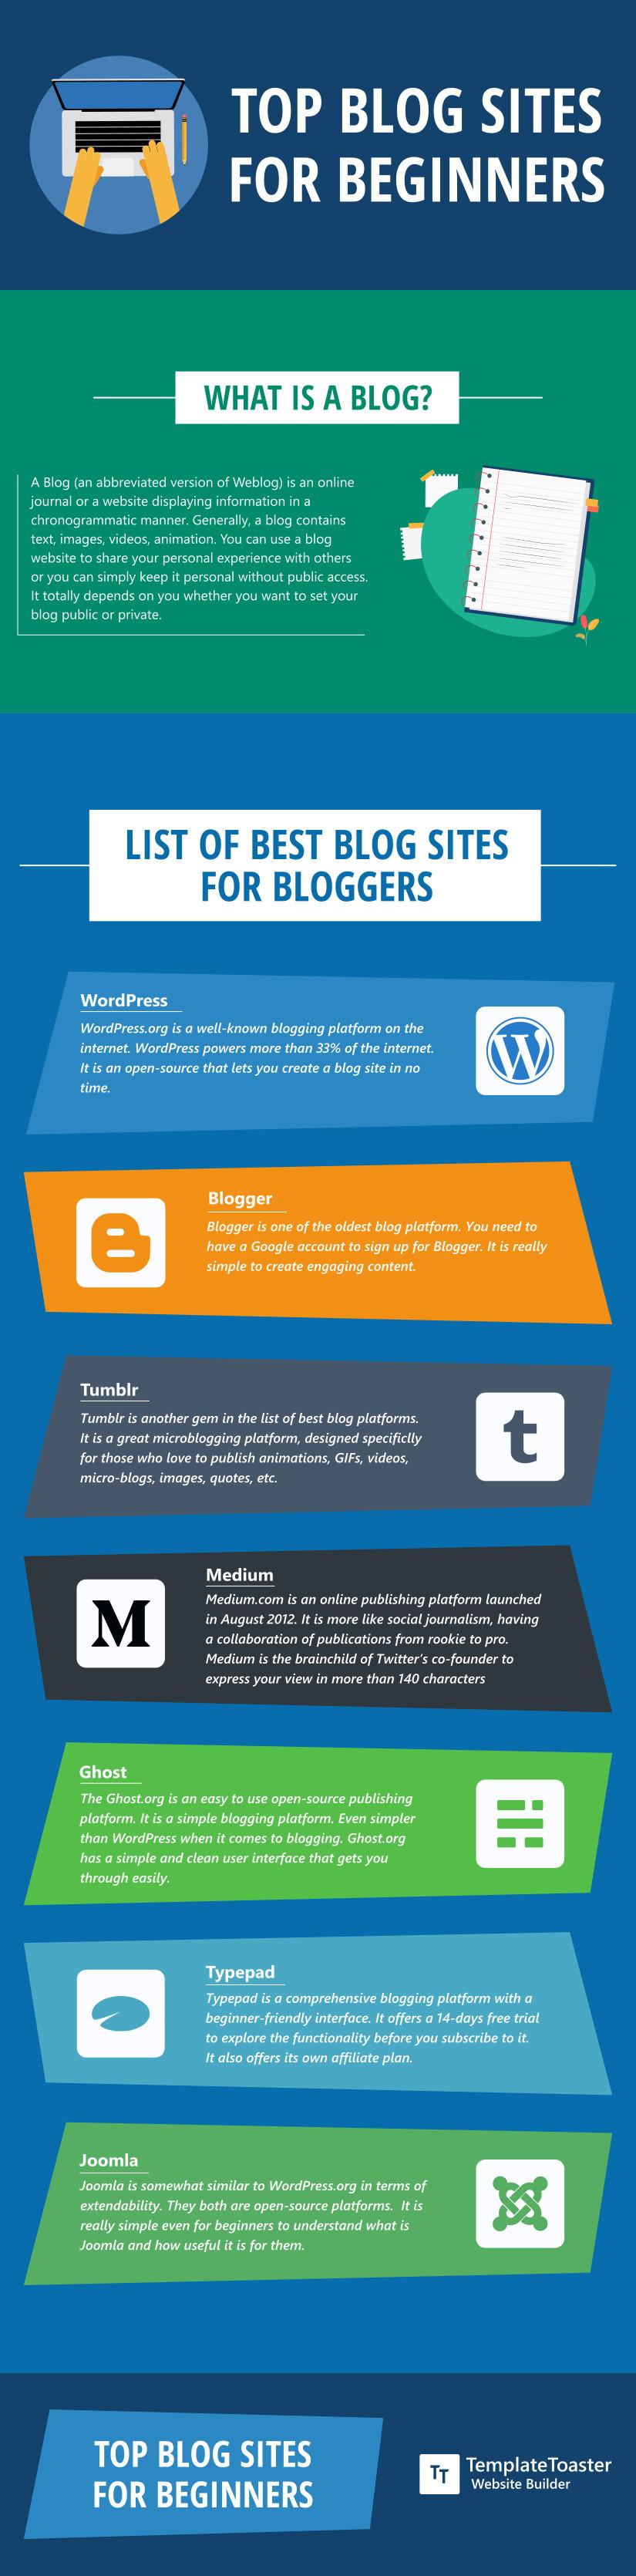 Top Blogging Sites